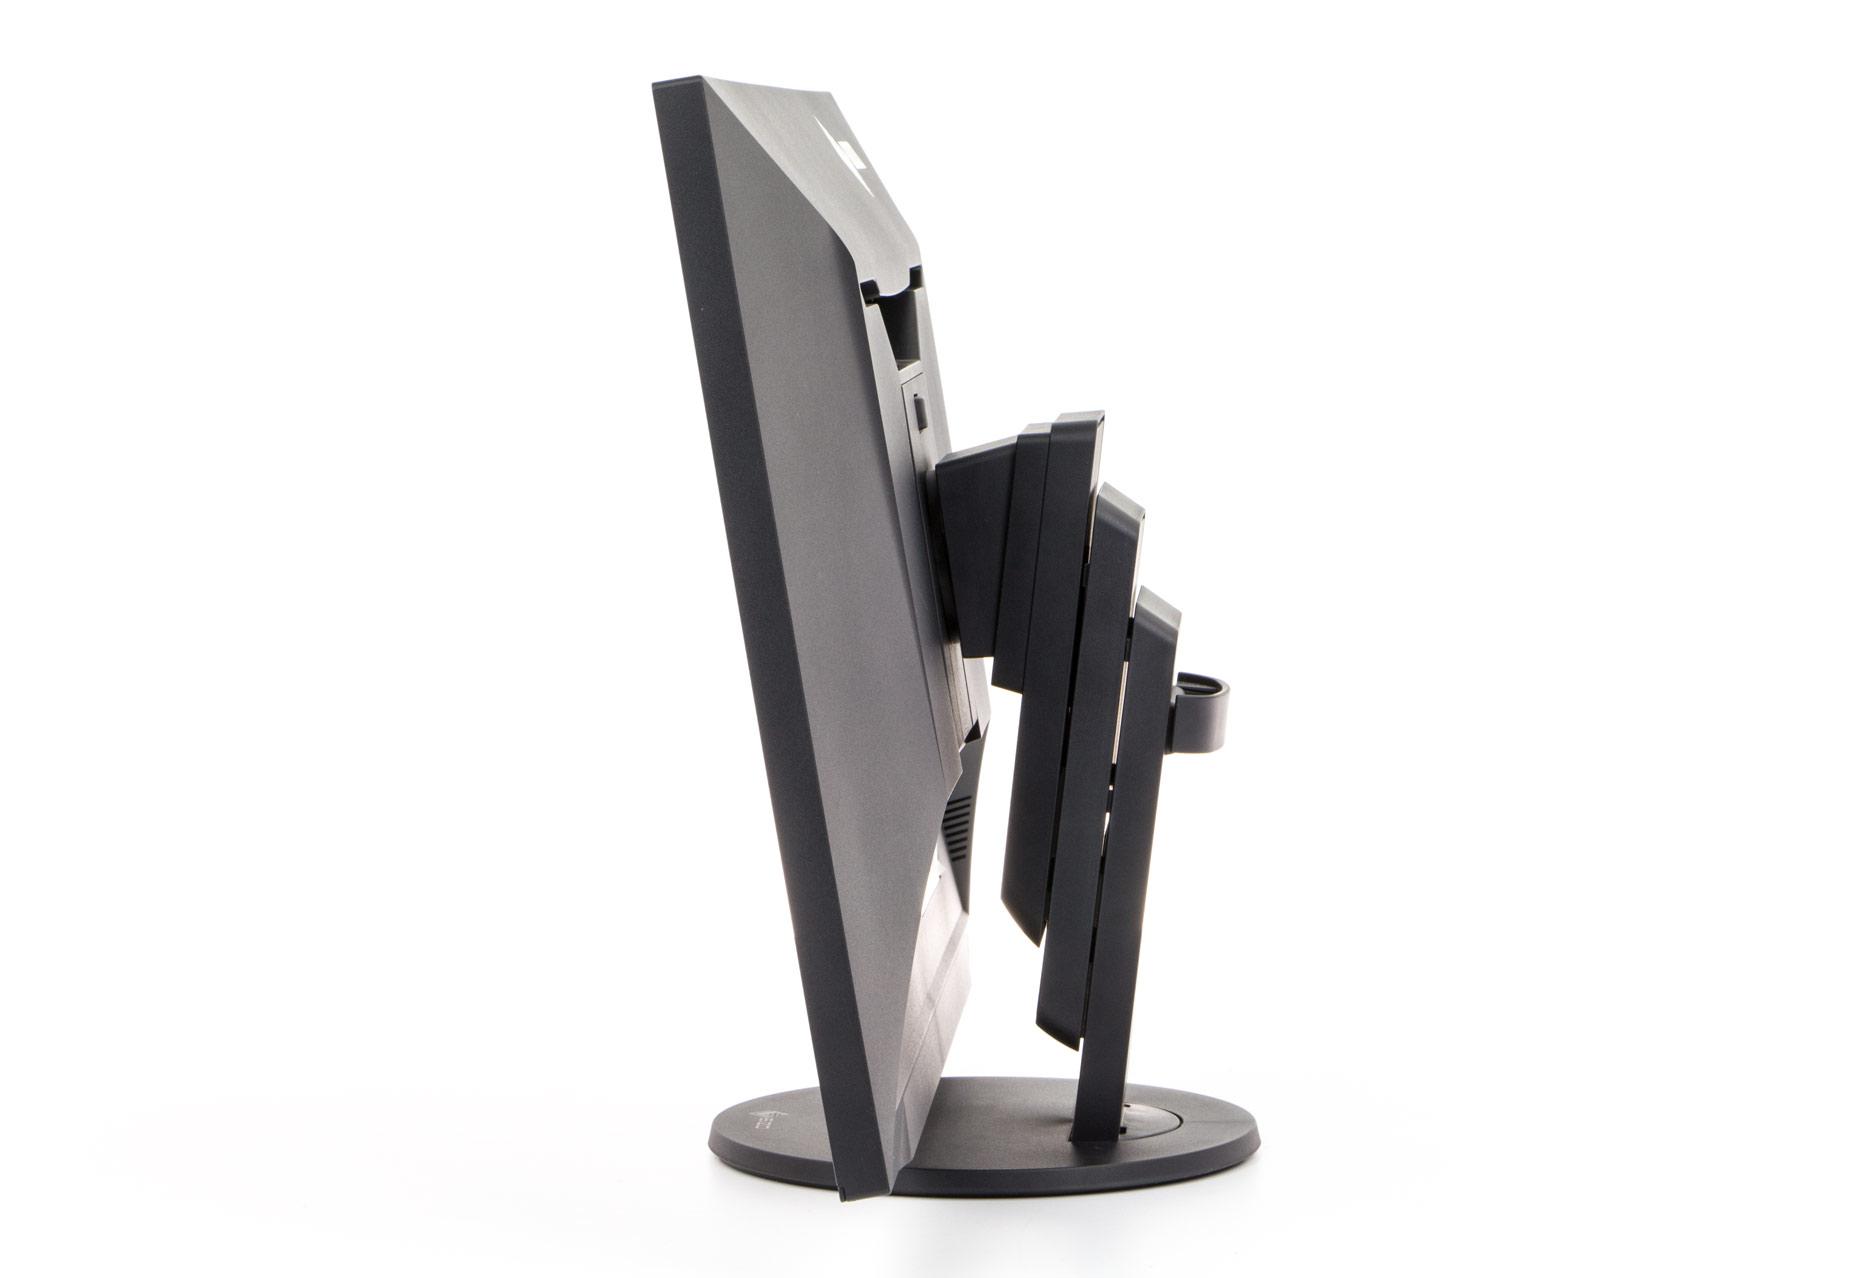 Eizo FlexScan EV2456 minimalna wysokość, minimalne odchylenie